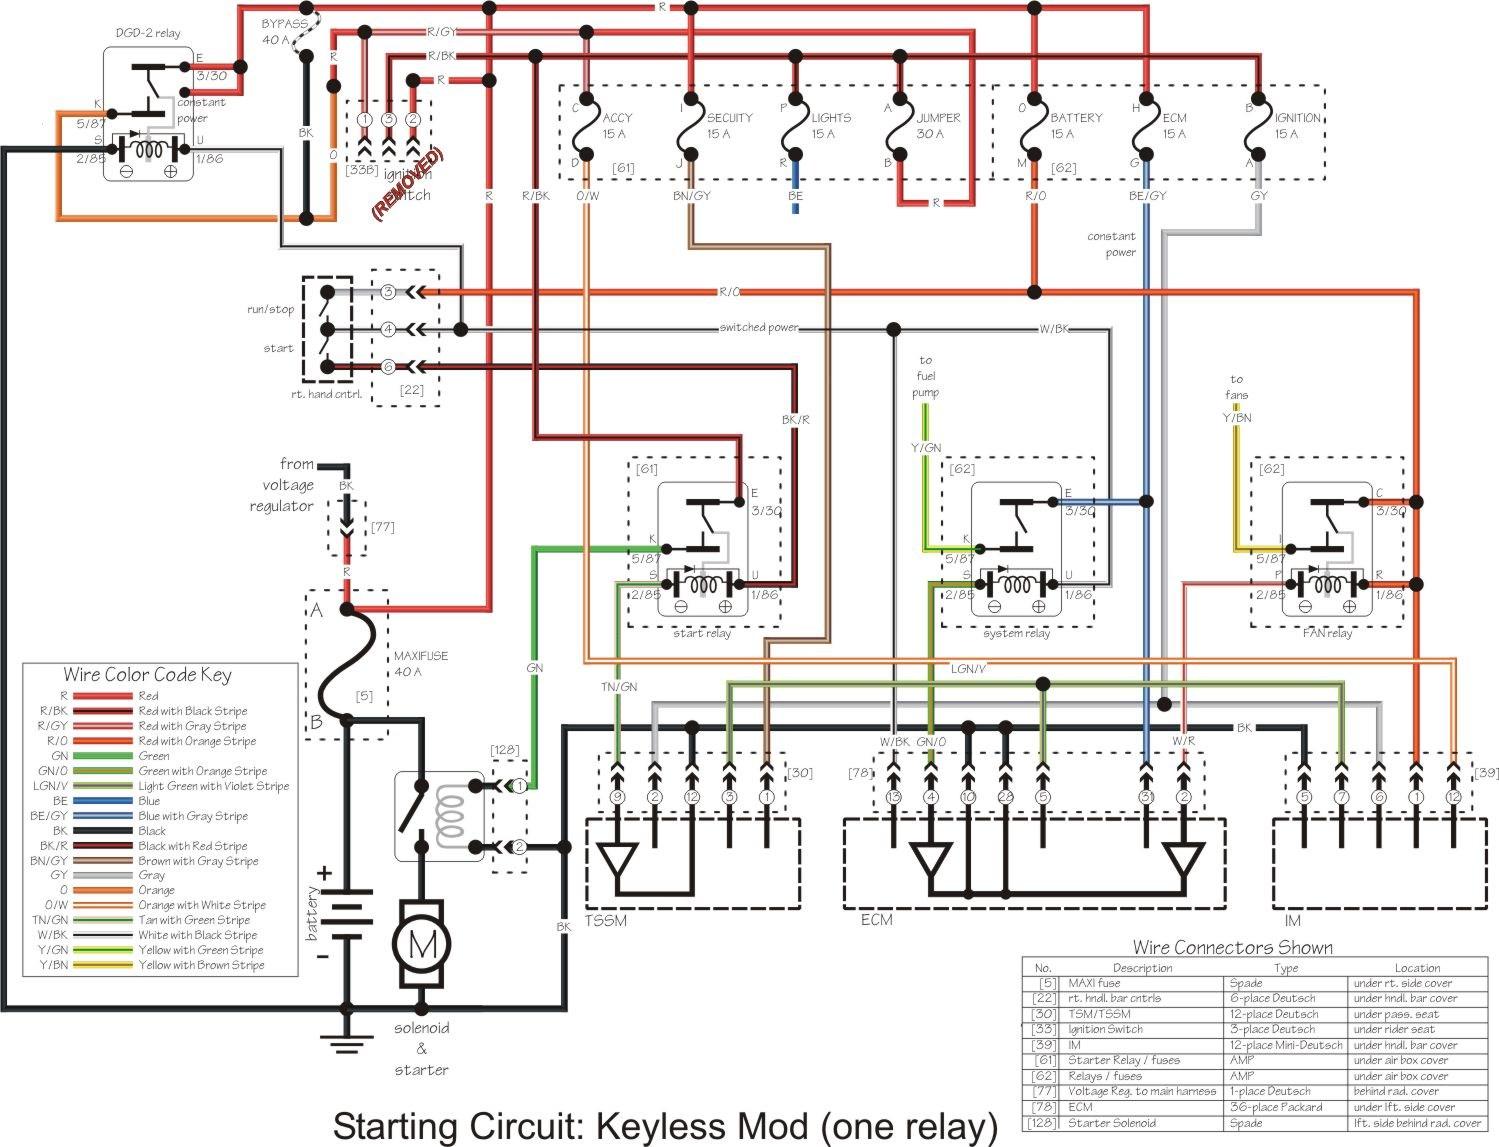 harley fuel gauge wiring diagram cn 7109  harley dyna fuel gauge wiring diagram  harley dyna fuel gauge wiring diagram